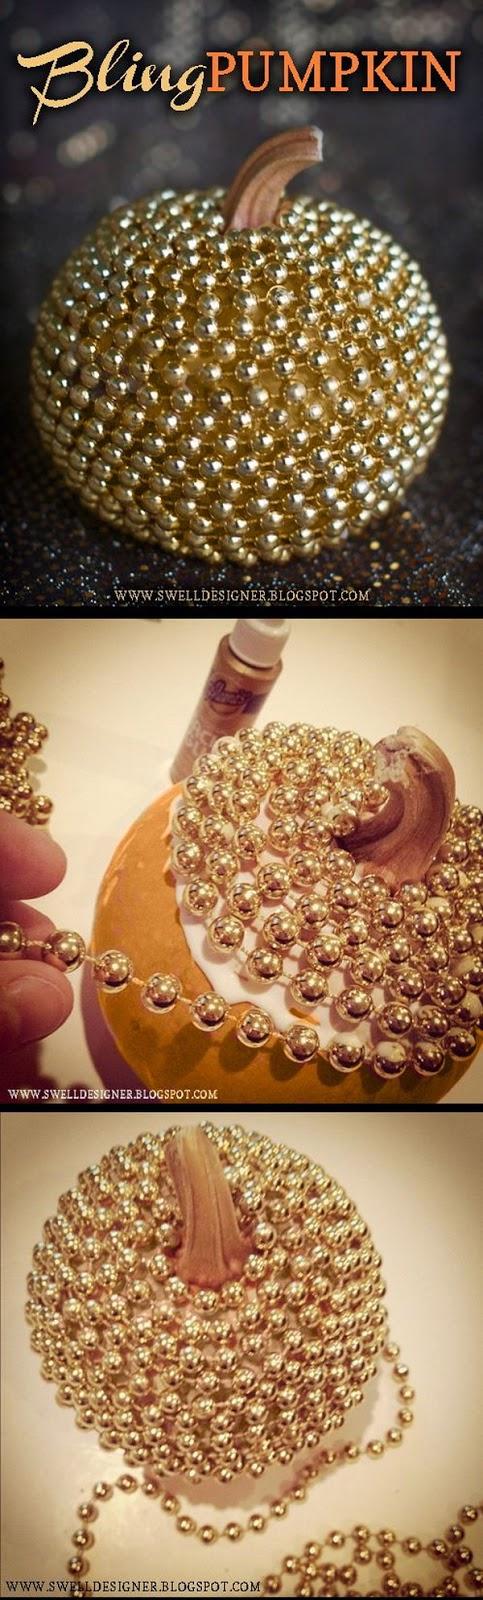 Белая тыква с пастельными треугольничками, Декор тыквы из шнура или веревки, Золотая тыква с виньеткой (МК), «Золото на бежевом» декор тыквы, Как правильно подготовить тыкву для поделок, Серебрёные тыквы своими руками, Тыква с блестками, Тыквенное трио — декор тыкв для композиции, Тыквы-смайлики на Хэллоуин (МК), Цветочно-фетровая тыква(МК), Черная тыква с золотистыми штрихами, Шикарные тыквы в стиле Shabby chic, красивое оформление тыкв на хэллоуин, красивое оформление тыкв для интерьера, как оформить тыкву на хэллоуин, чес можно оформить тыкву на Хэллоуин, идеи оформления тыкв на Хэллоуин, декор тыквы, тыквы в интерьере, украшение тыкв, как украсить тыкву га хэллоуин, hХэллоуин, 31 октября, Halloween, All Hallows' Eve, All Saints' Eve, тыквы на Хэллоуин, декор тыквы на Хэллоуин, украшение тыквы на Хэллоуин, декорирование тыквы, мастер-классы на Хэллоуин, как украсить тыкву на Хэллоуин, варианты декора тыквы, шикарные праздничные тыквы, День Благодарения, праздник урожая, тыквы на День благодарения, тыквы на Праздник урожая, тыквы для интерьера, декор интерьера на Хэллоуин, оформление интерьера тыквами, тыквы в интерьере, ttp://prazdnichnymir.ru/ Тыквы: шикарные идеи для дизайна + мастер-классы на Хэллоуин и праздник урожаяХэллоуин, 31 октября, Halloween, All Hallows' Eve, All Saints' Eve, тыквы на Хэллоуин, декор тыквы на Хэллоуин, украшение тыквы на Хэллоуин, декорирование тыквы, мастер-классы на Хэллоуин, как украсить тыкву на Хэллоуин, варианты декора тыквы, шикарные праздничные тыквы, День Благодарения, праздник урожая, тыквы на День благодарения, тыквы на Праздник урожая, тыквы для интерьера, декор интерьера на Хэллоуин, оформление интерьера тыквами, тыквы в интерьере, Хэллоуин, 31 октября, Halloween, All Hallows' Eve, All Saints' Eve, тыквы на Хэллоуин, декор тыквы на Хэллоуин, украшение тыквы на Хэллоуин, декорирование тыквы, мастер-классы на Хэллоуин, как украсить тыкву на Хэллоуин, варианты декора тыквы, шикарные праздничные тыквы, День Благодарения, праз